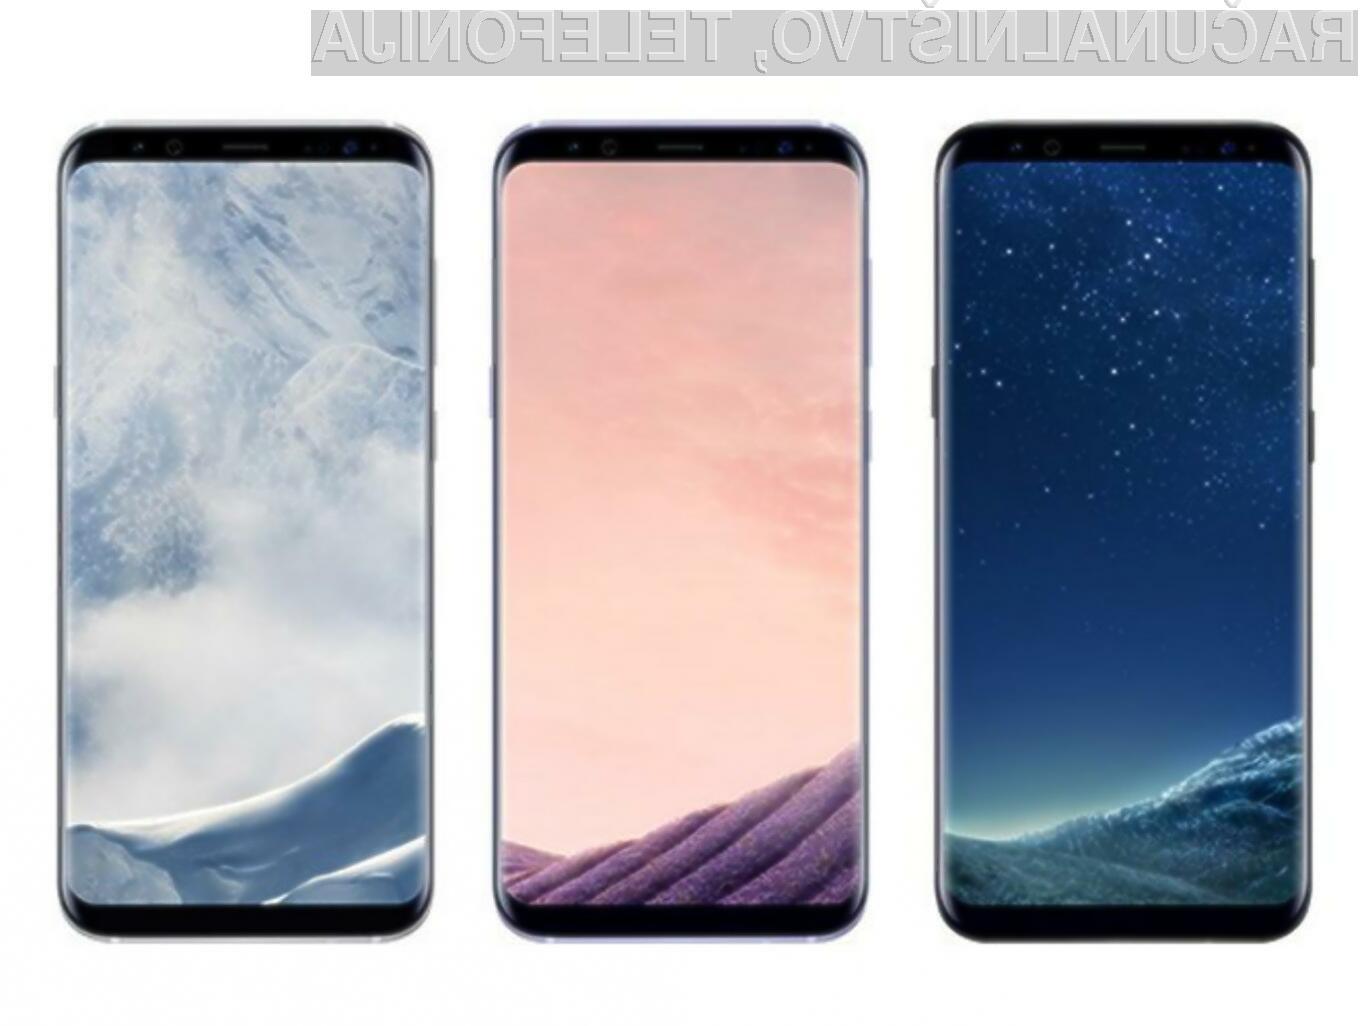 Samsung Galaxy S8 bomo lahko vrnili v času treh mesecev od nakupa.